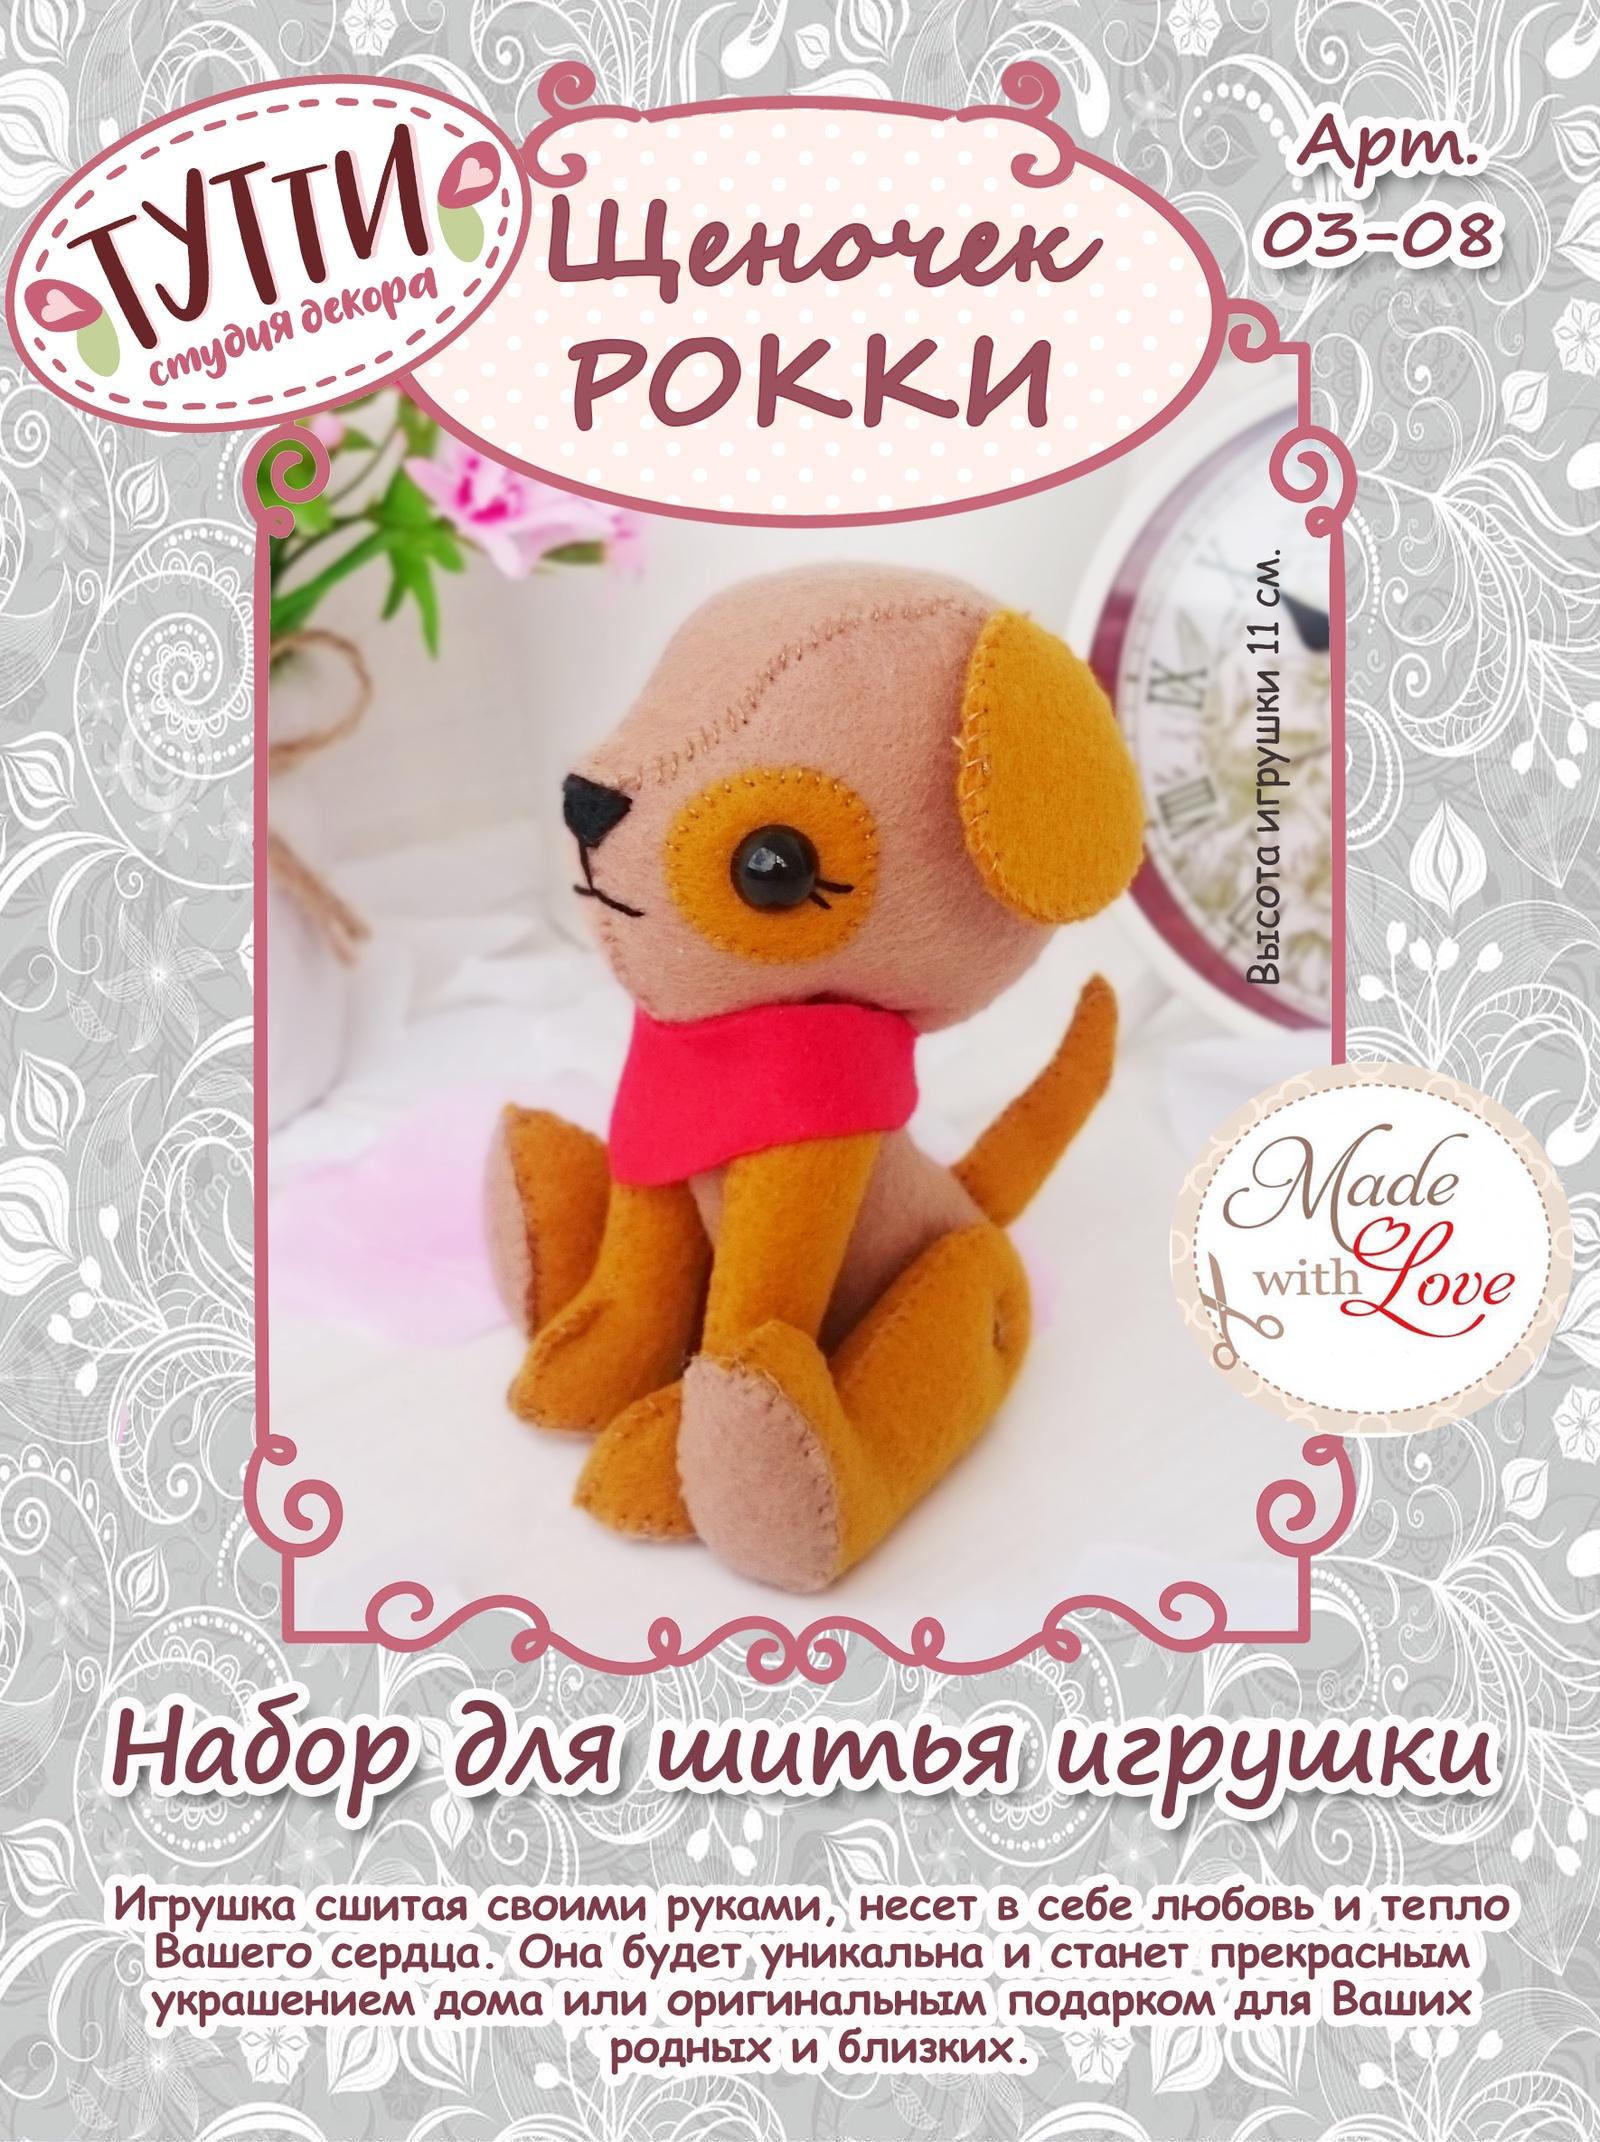 Набор для изготовления игрушки Тутти Щеночек Рокки, 03-08 наборы из фетра в пакете с хедером четырехлистники 11 21136 15